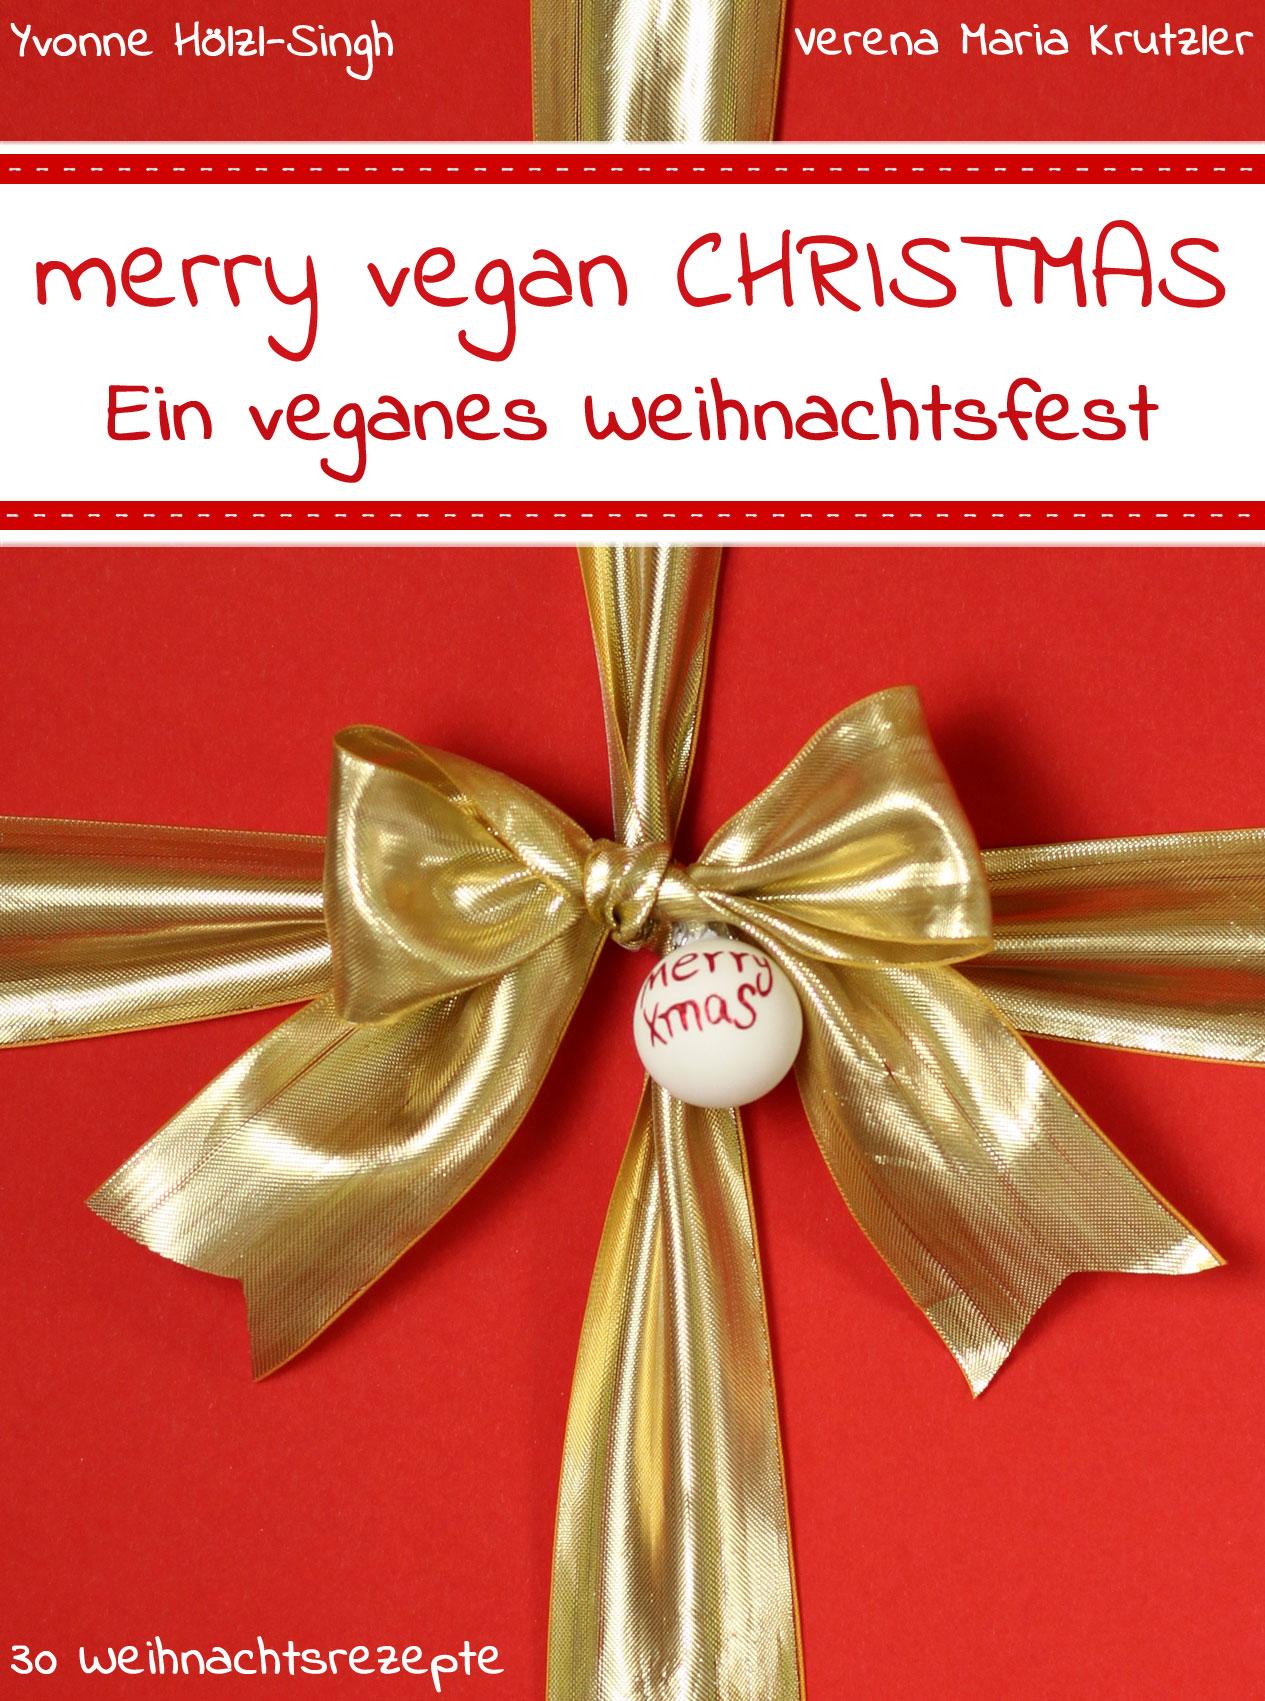 merry vegan CHRISTMAS - Ein veganes Weihnachtsfest von Yvonne Hölzl-Singh & Verena Maria Krutzler